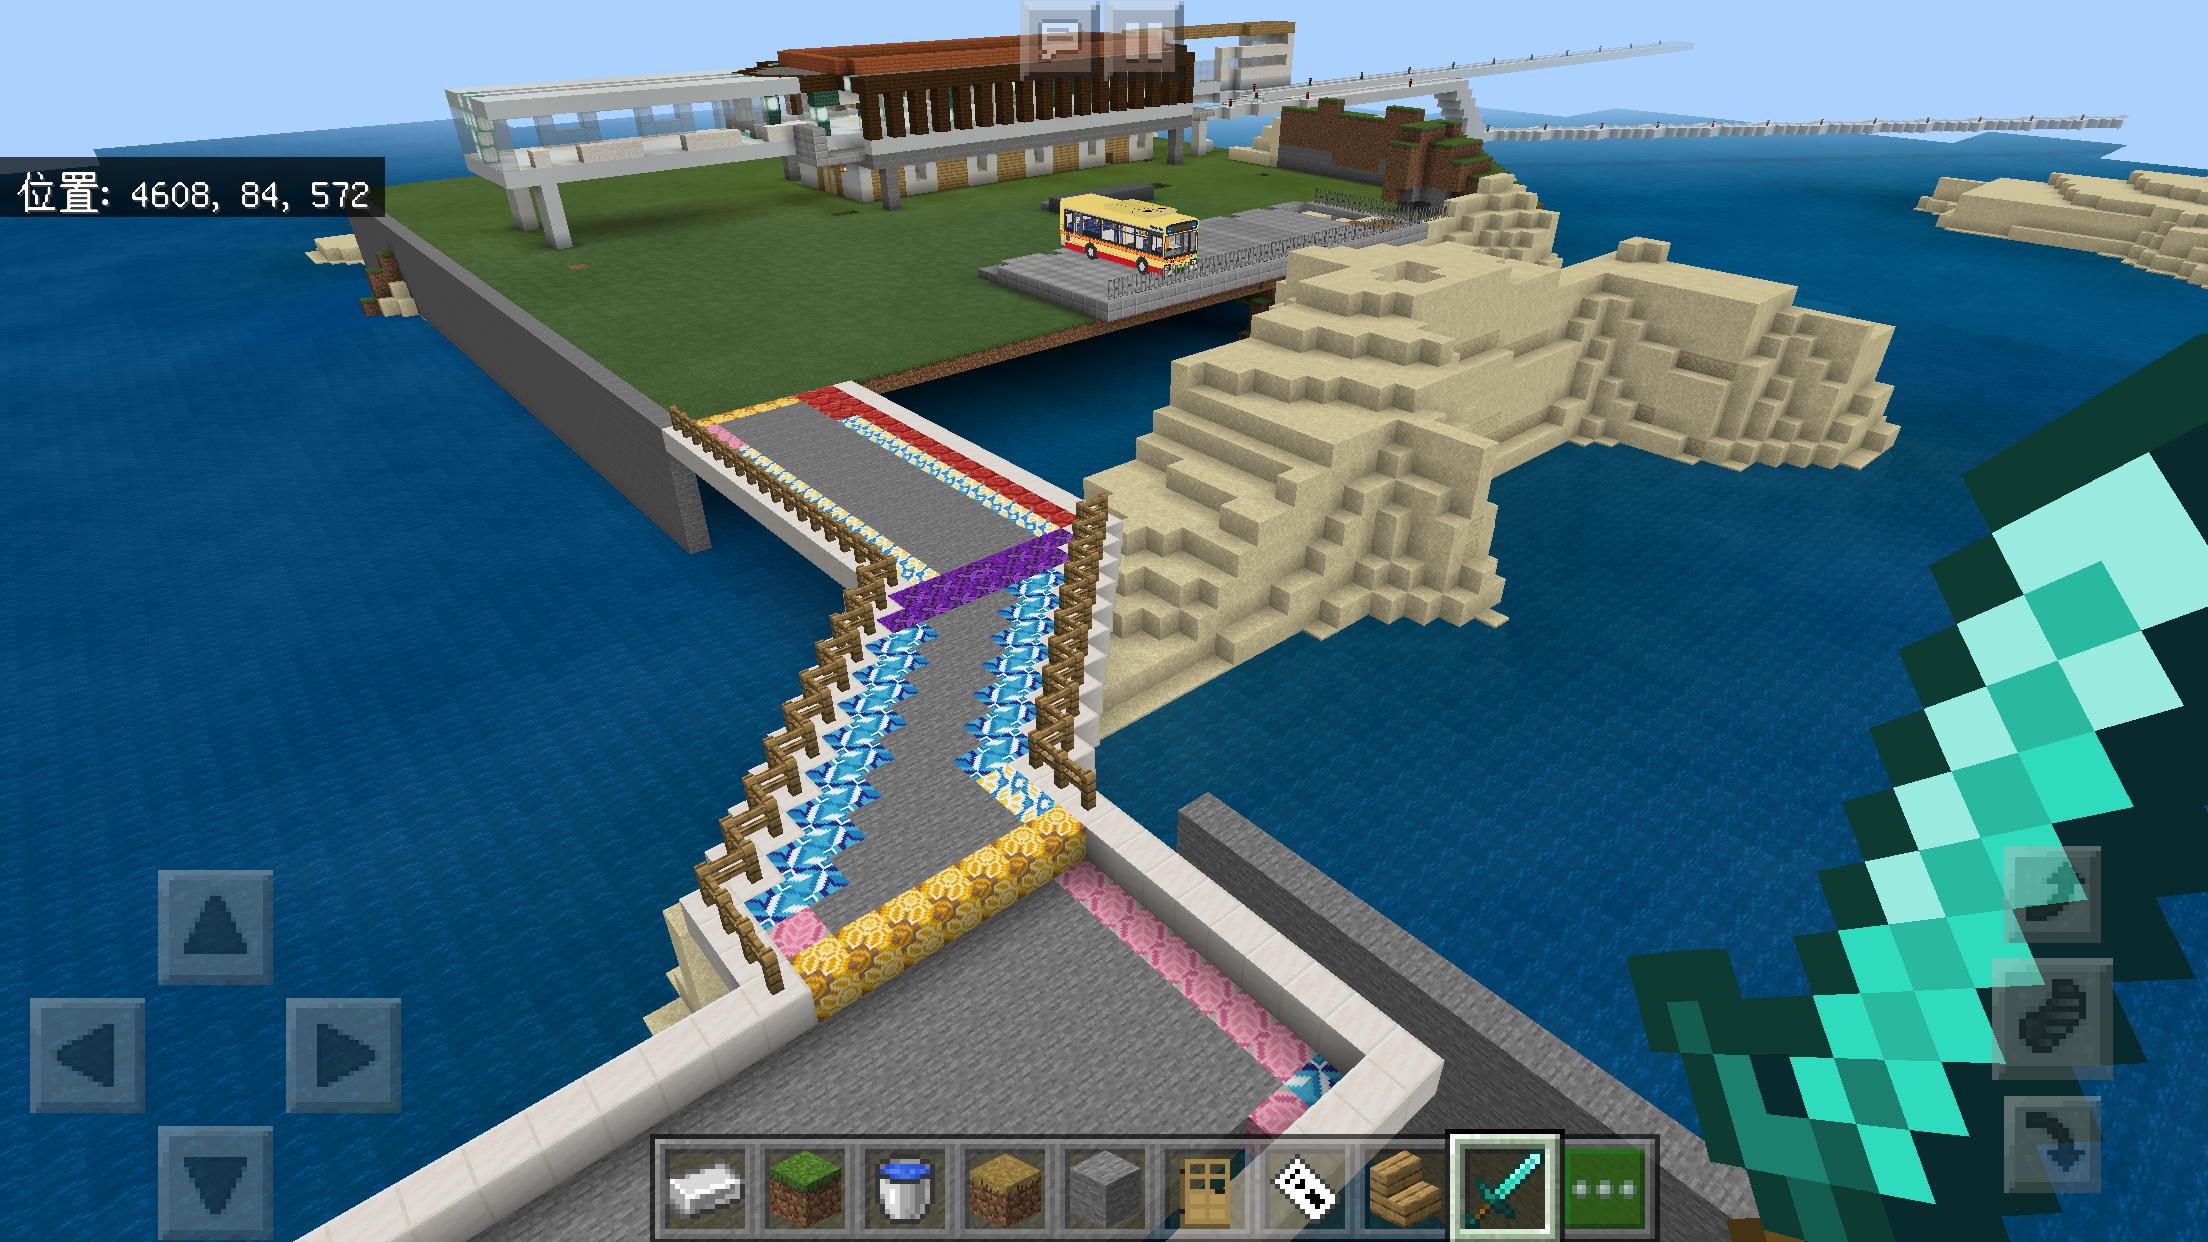 f:id:Minecraftkun:20200223180410p:image